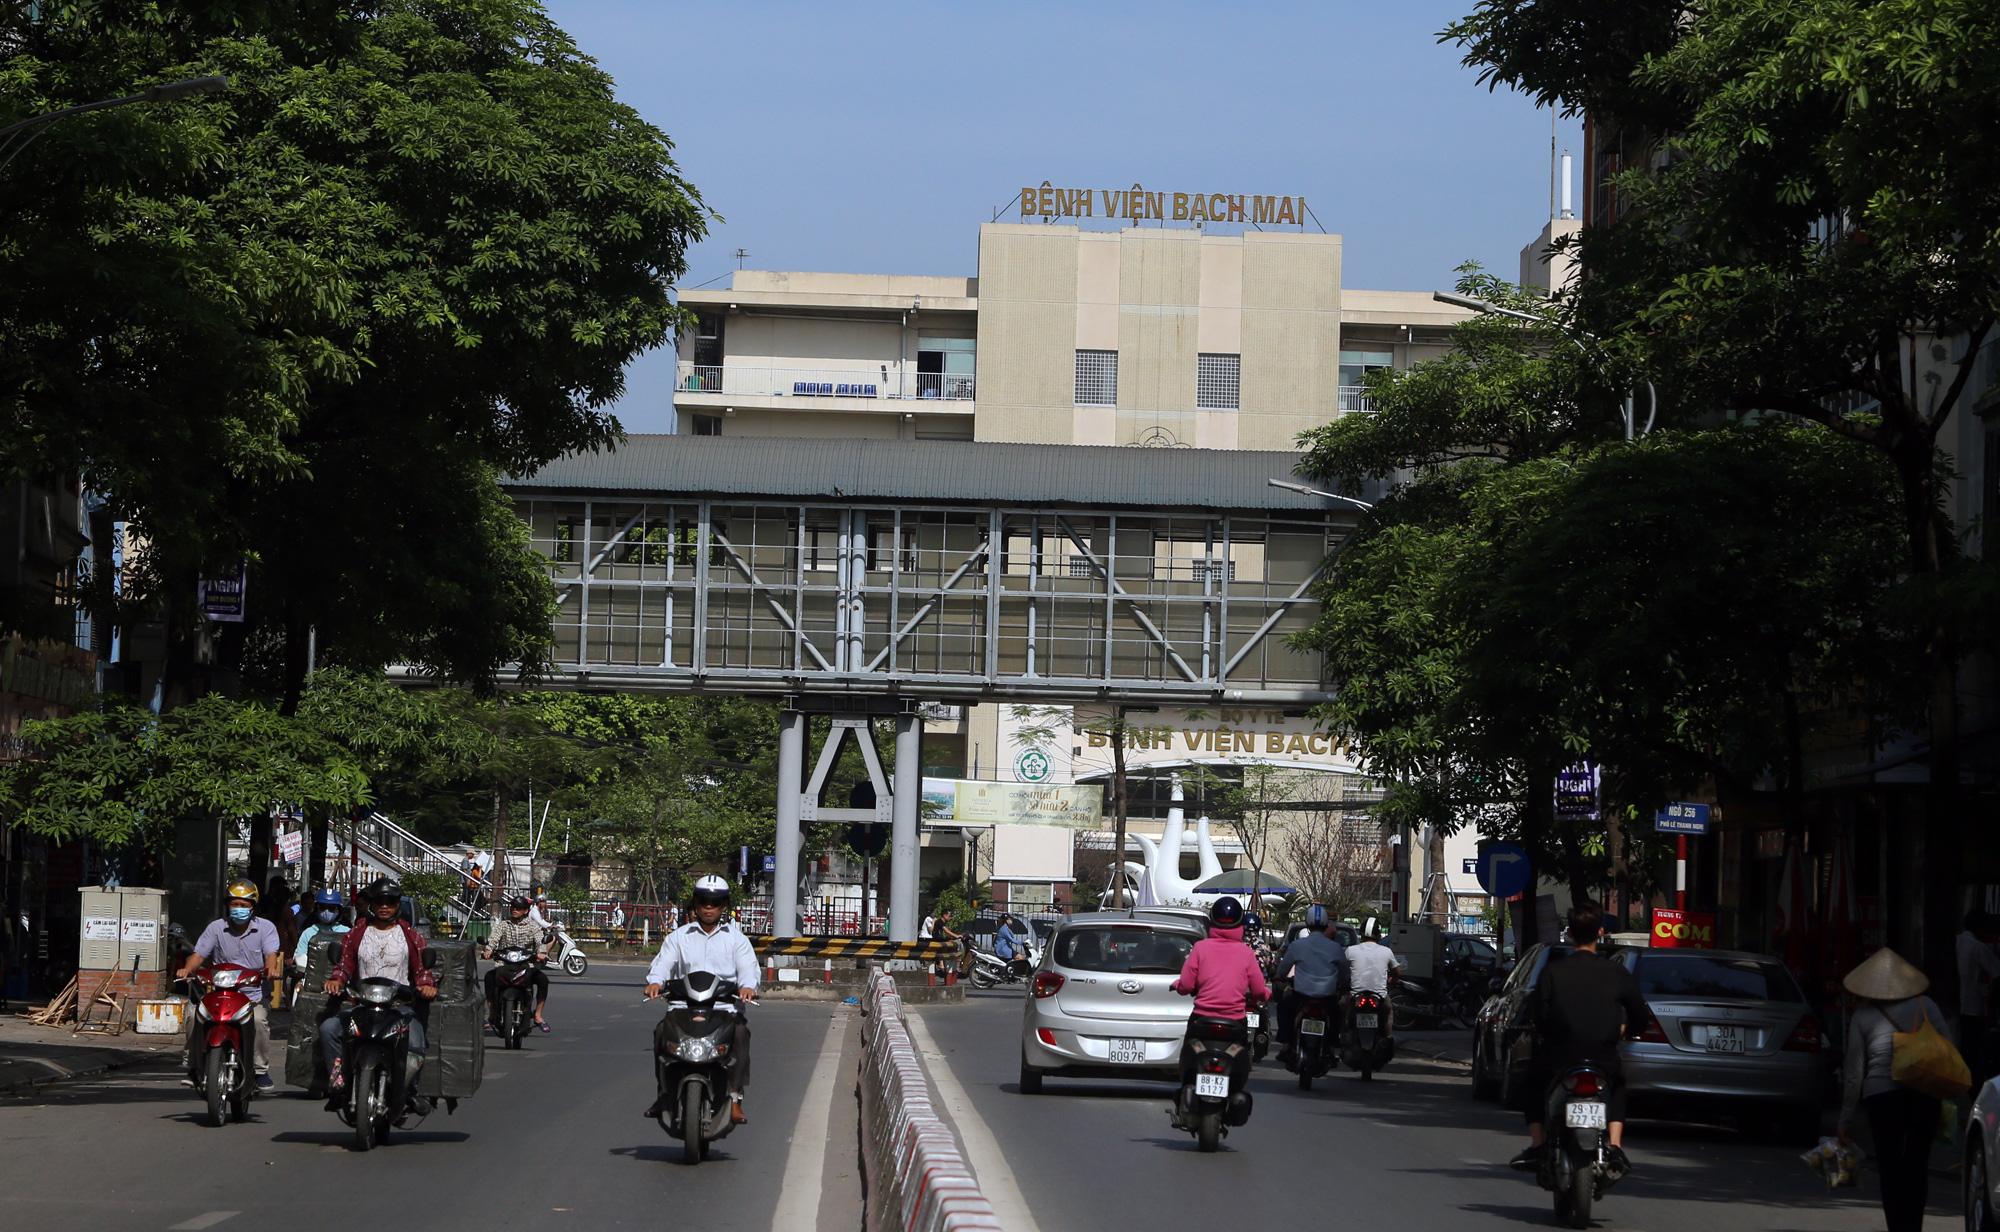 Kiểm soát người ra vào bệnh viện Bạch Mai sau khi phát hiện nhiều ca nhiễm Covid-19 - Ảnh 1.